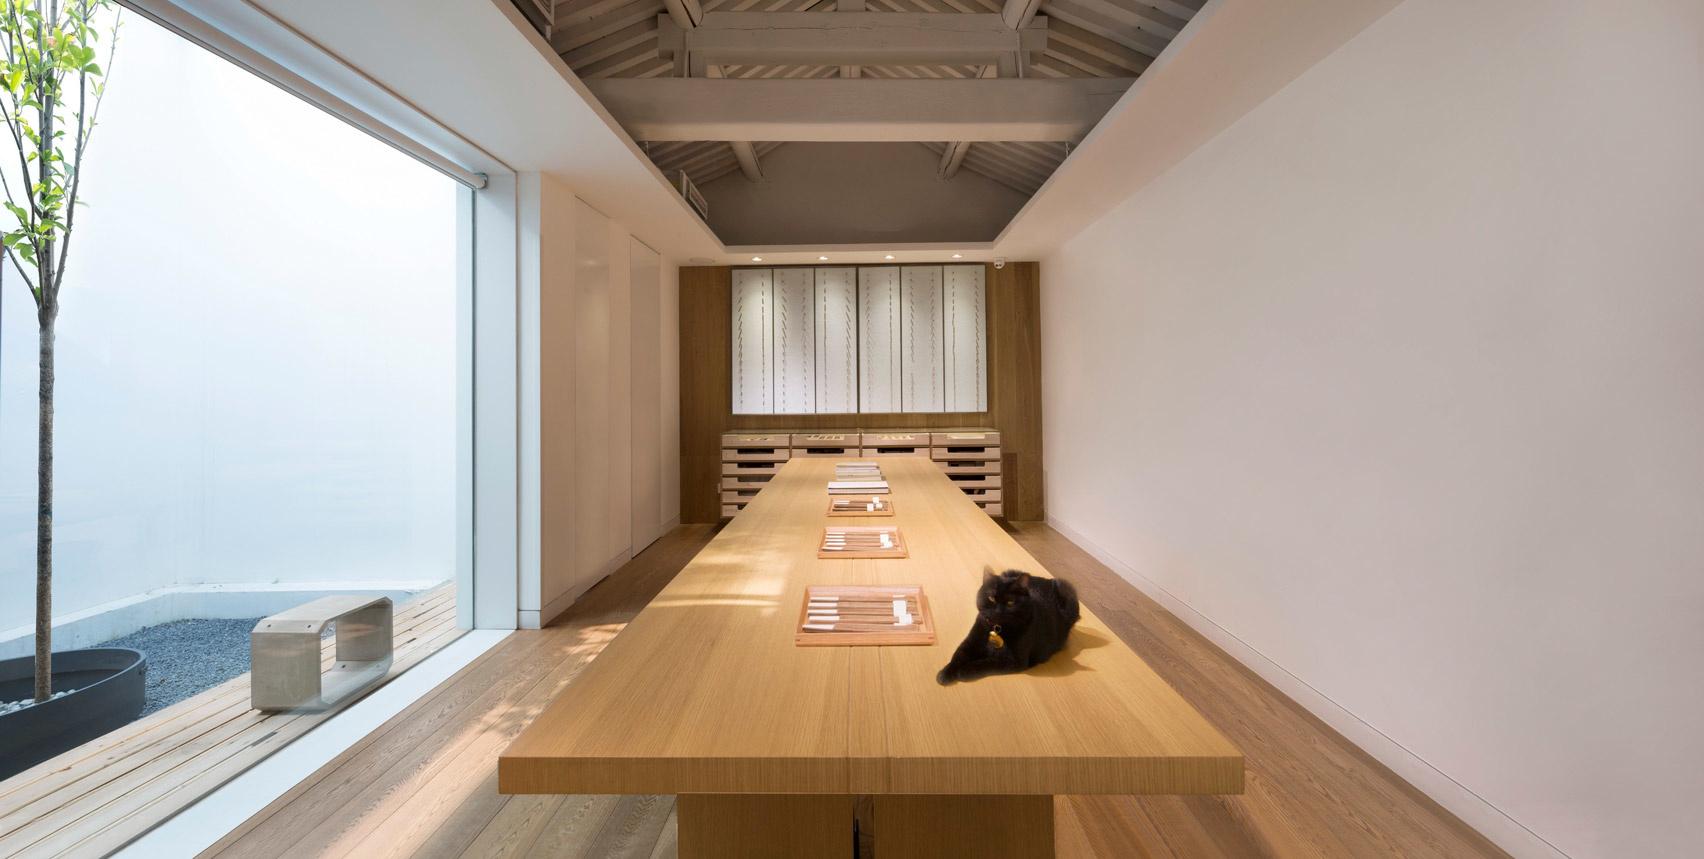 Магазин вееров в пекинском хутуне (галерея 6, фото 0)